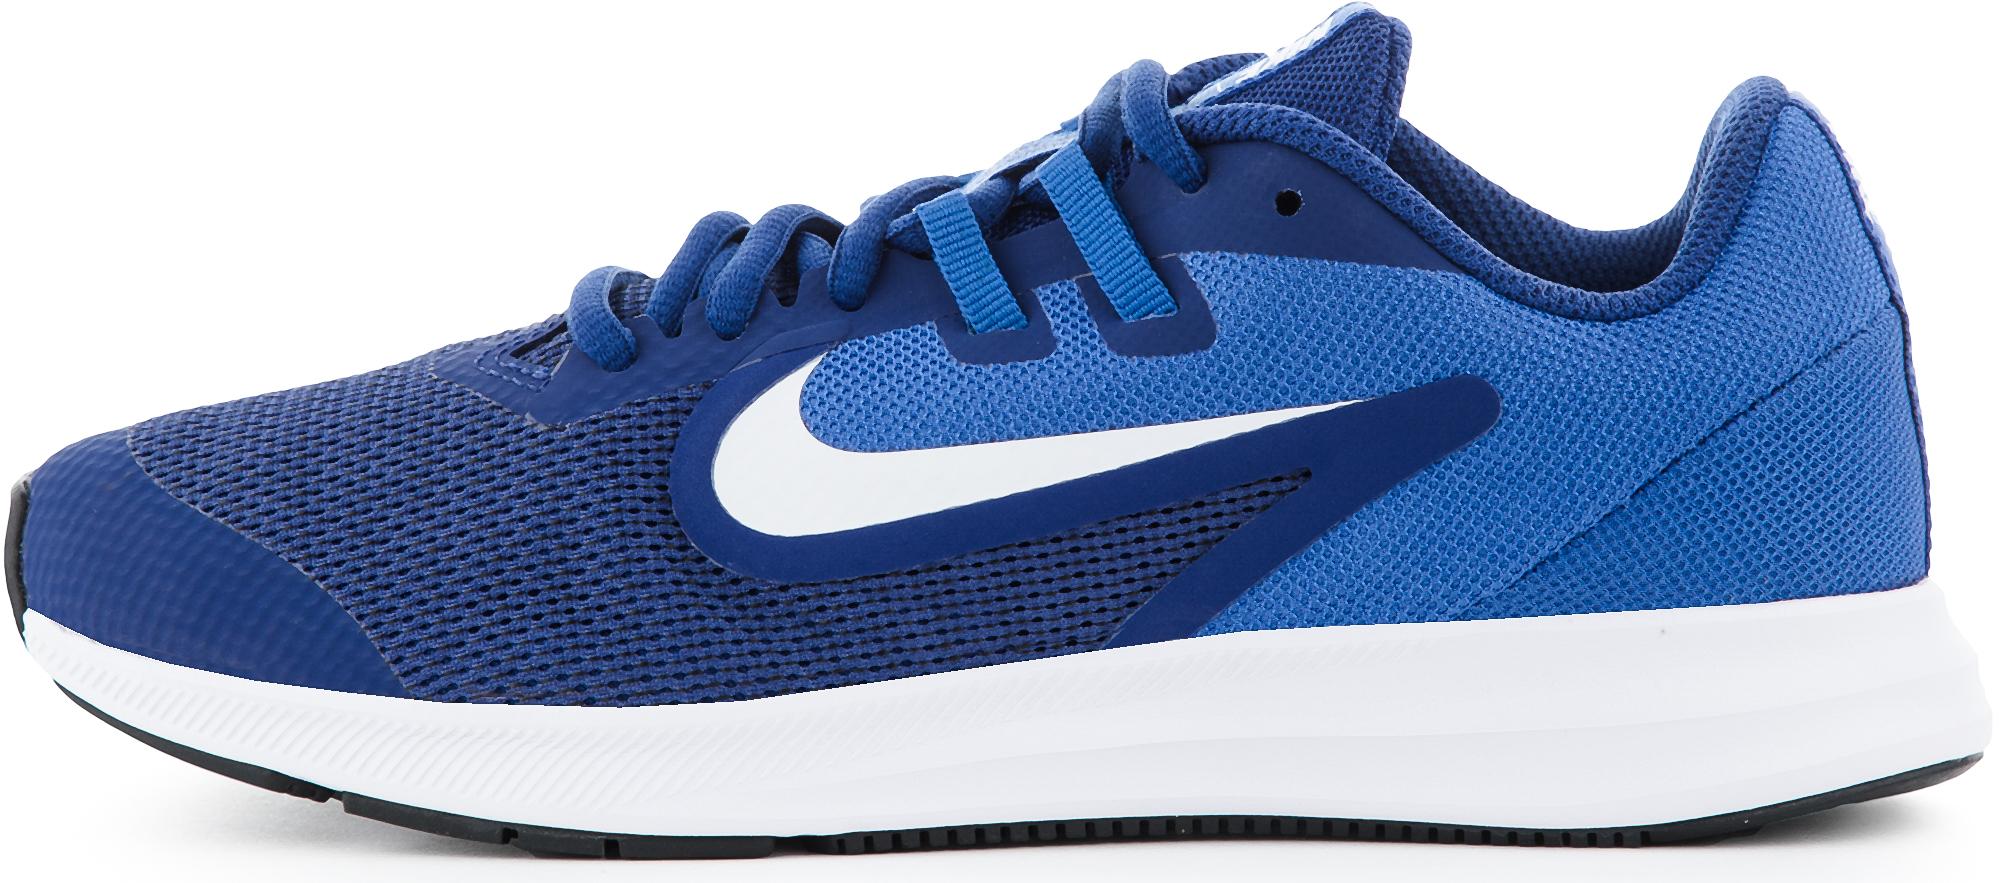 Nike Кроссовки для мальчиков Nike Downshifter 9 (Gs), размер 39 недорго, оригинальная цена